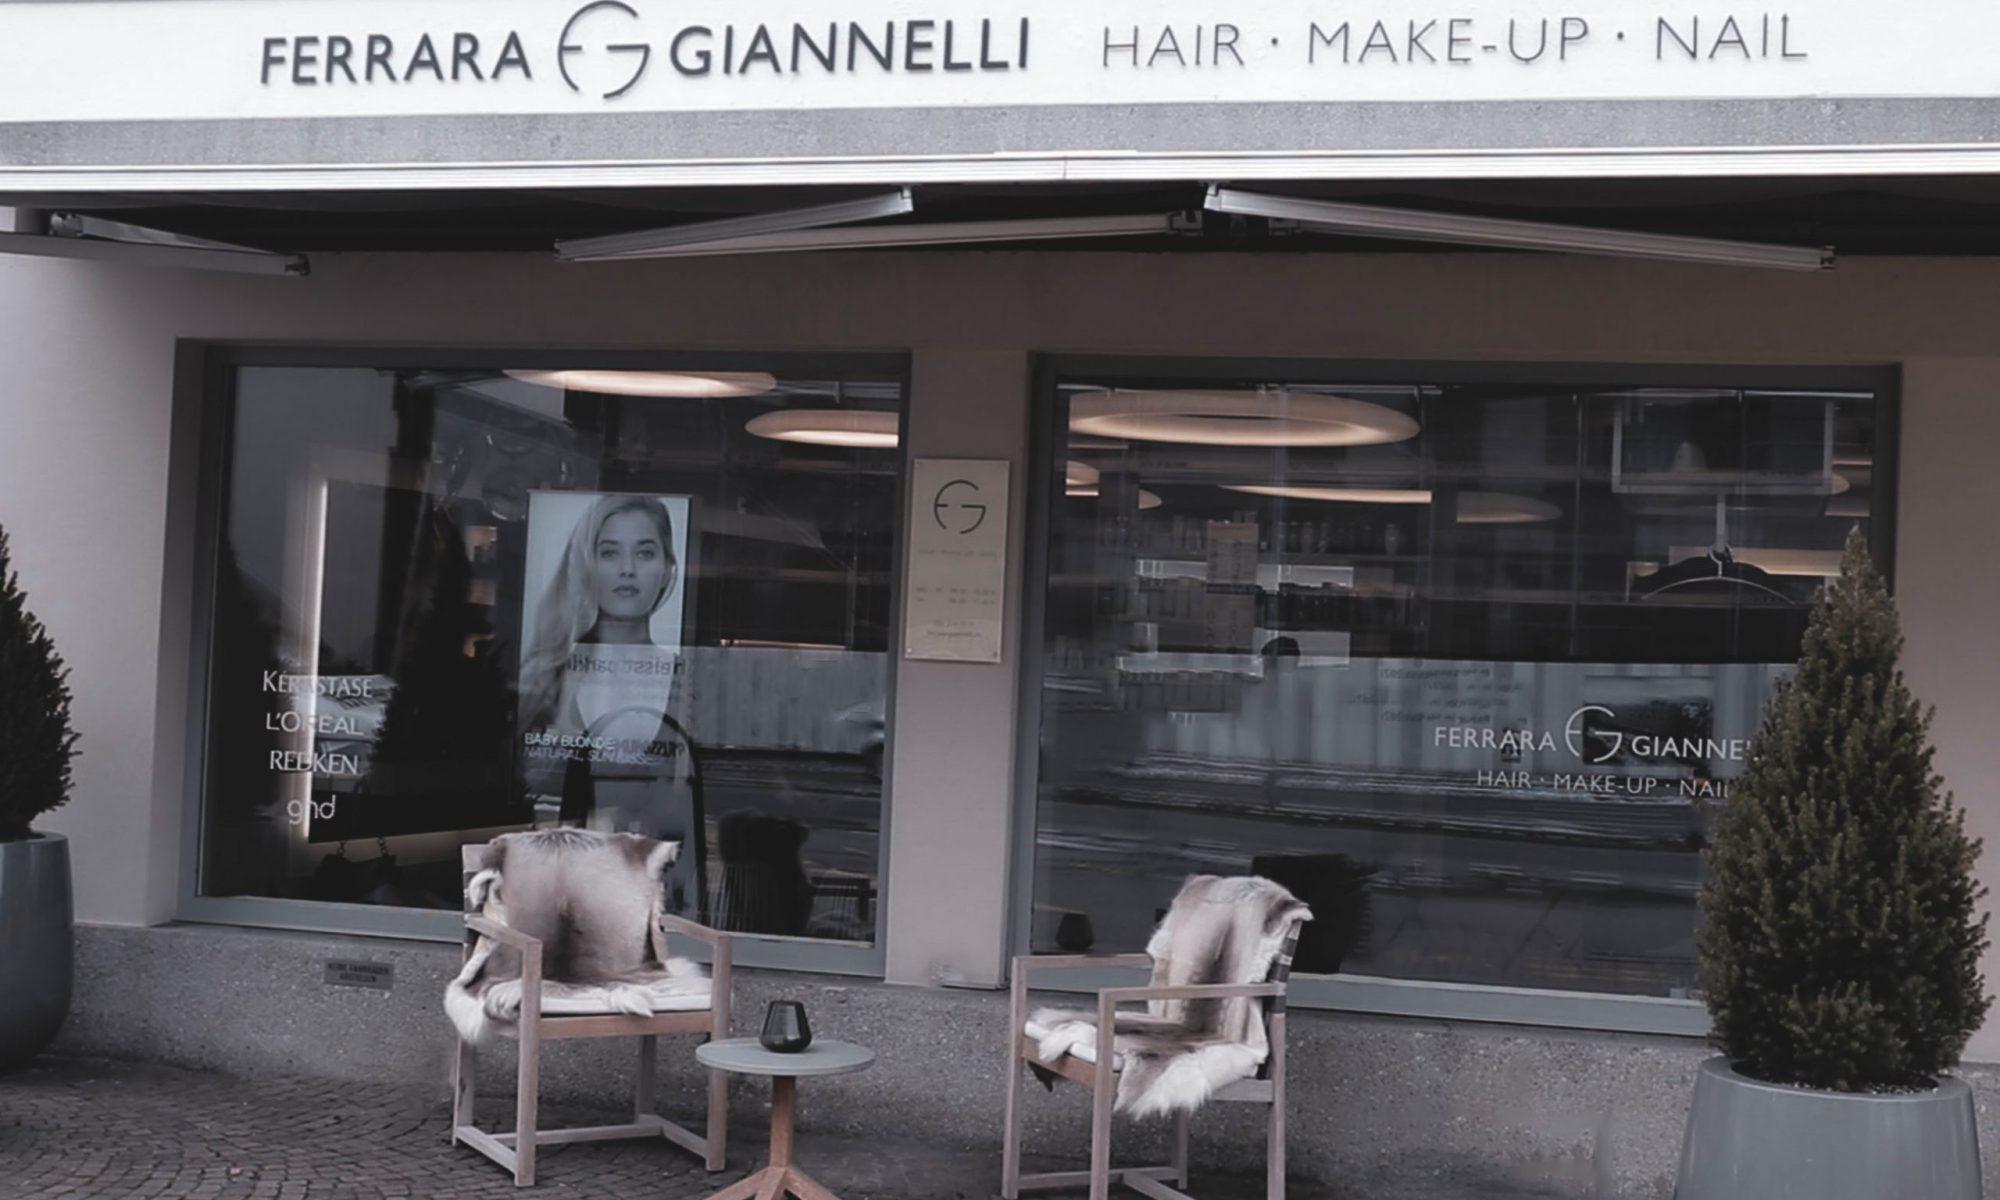 Ferrara-Giannelli